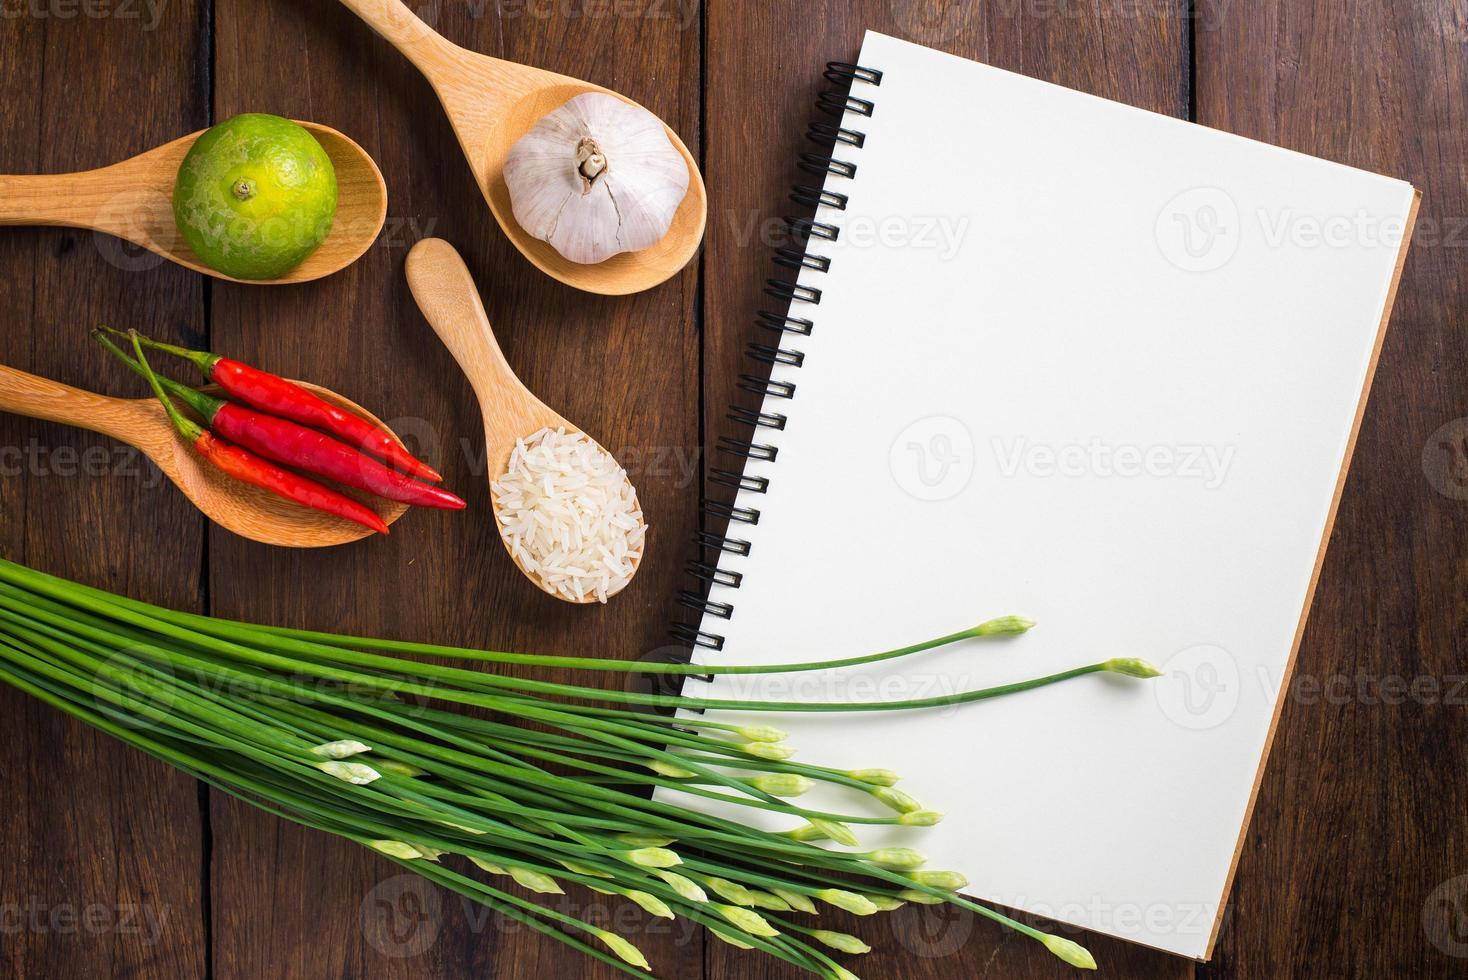 recept anteckningsbok, ris, röd chili, vitlök och citron på trä foto